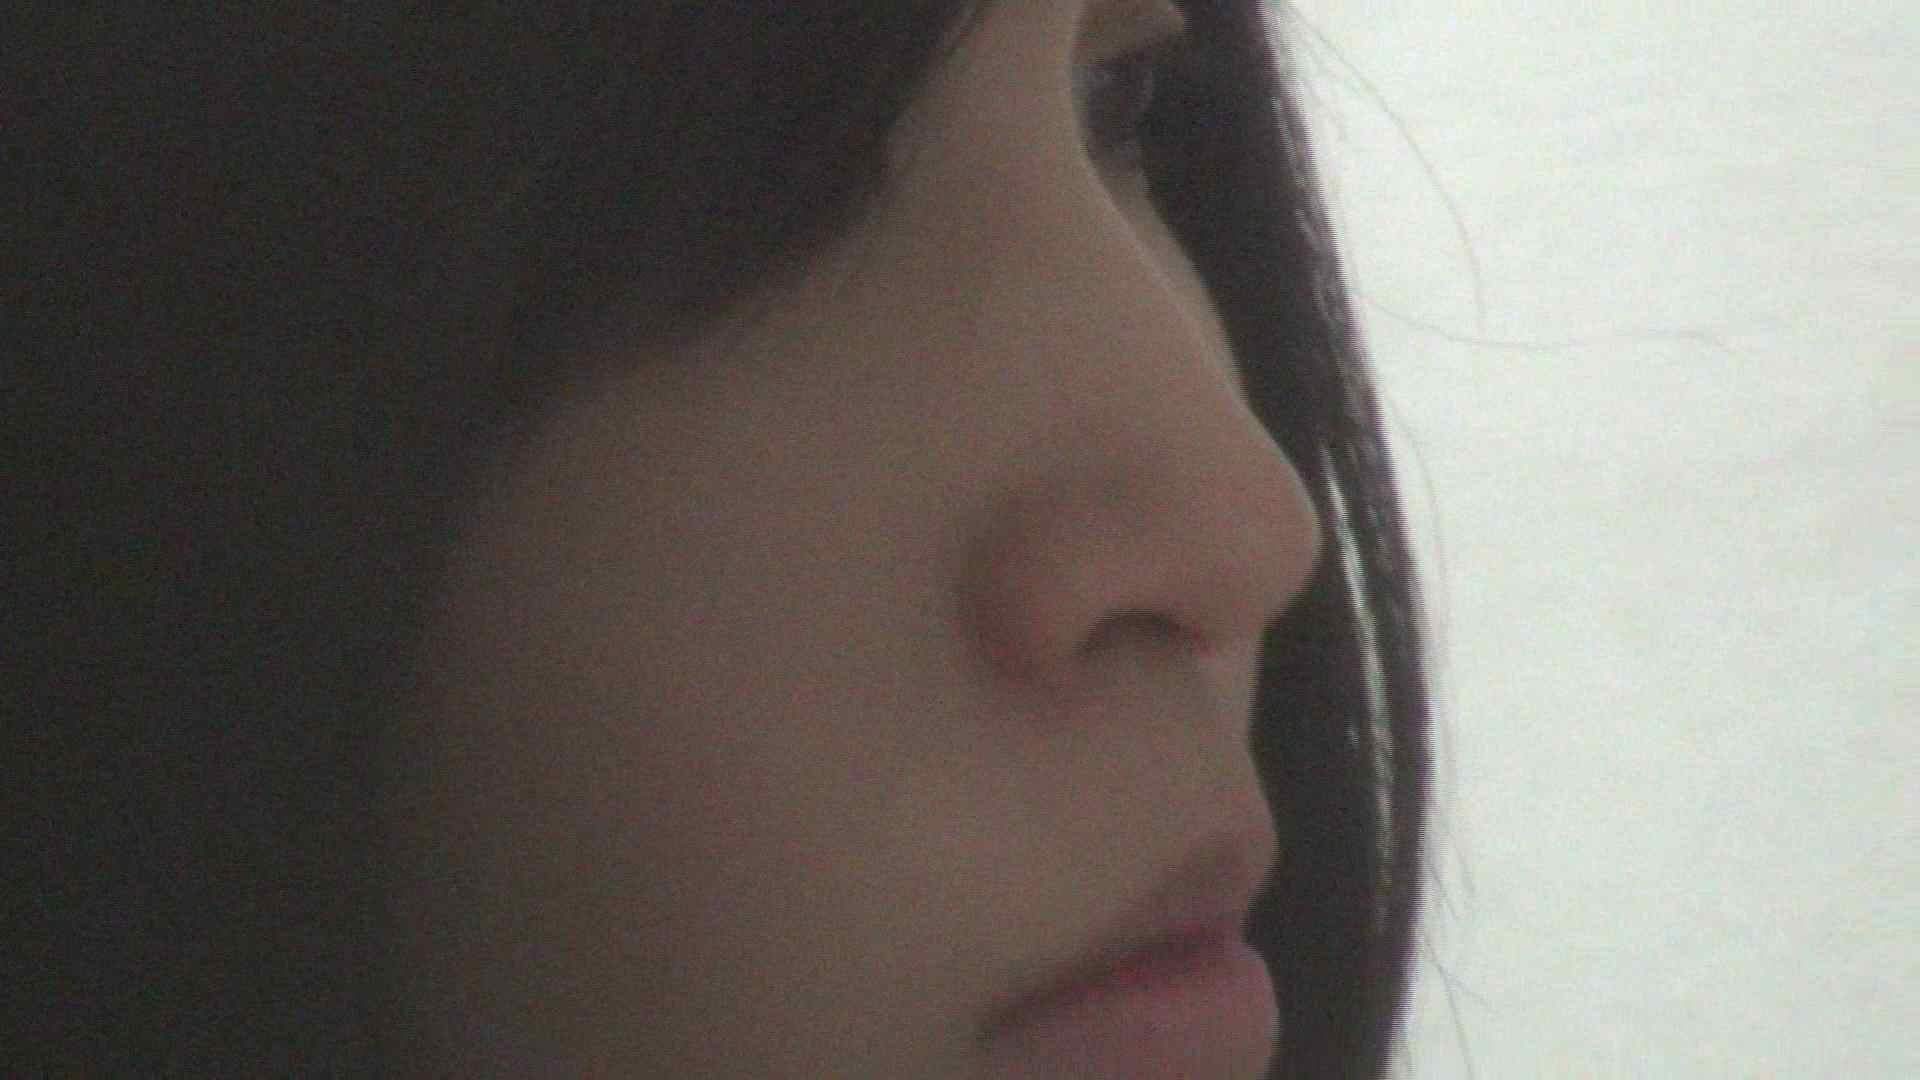 【05】仕事が忙しくて・・・久しぶりにベランダで待ち伏せ マンコ・ムレムレ すけべAV動画紹介 94pic 83